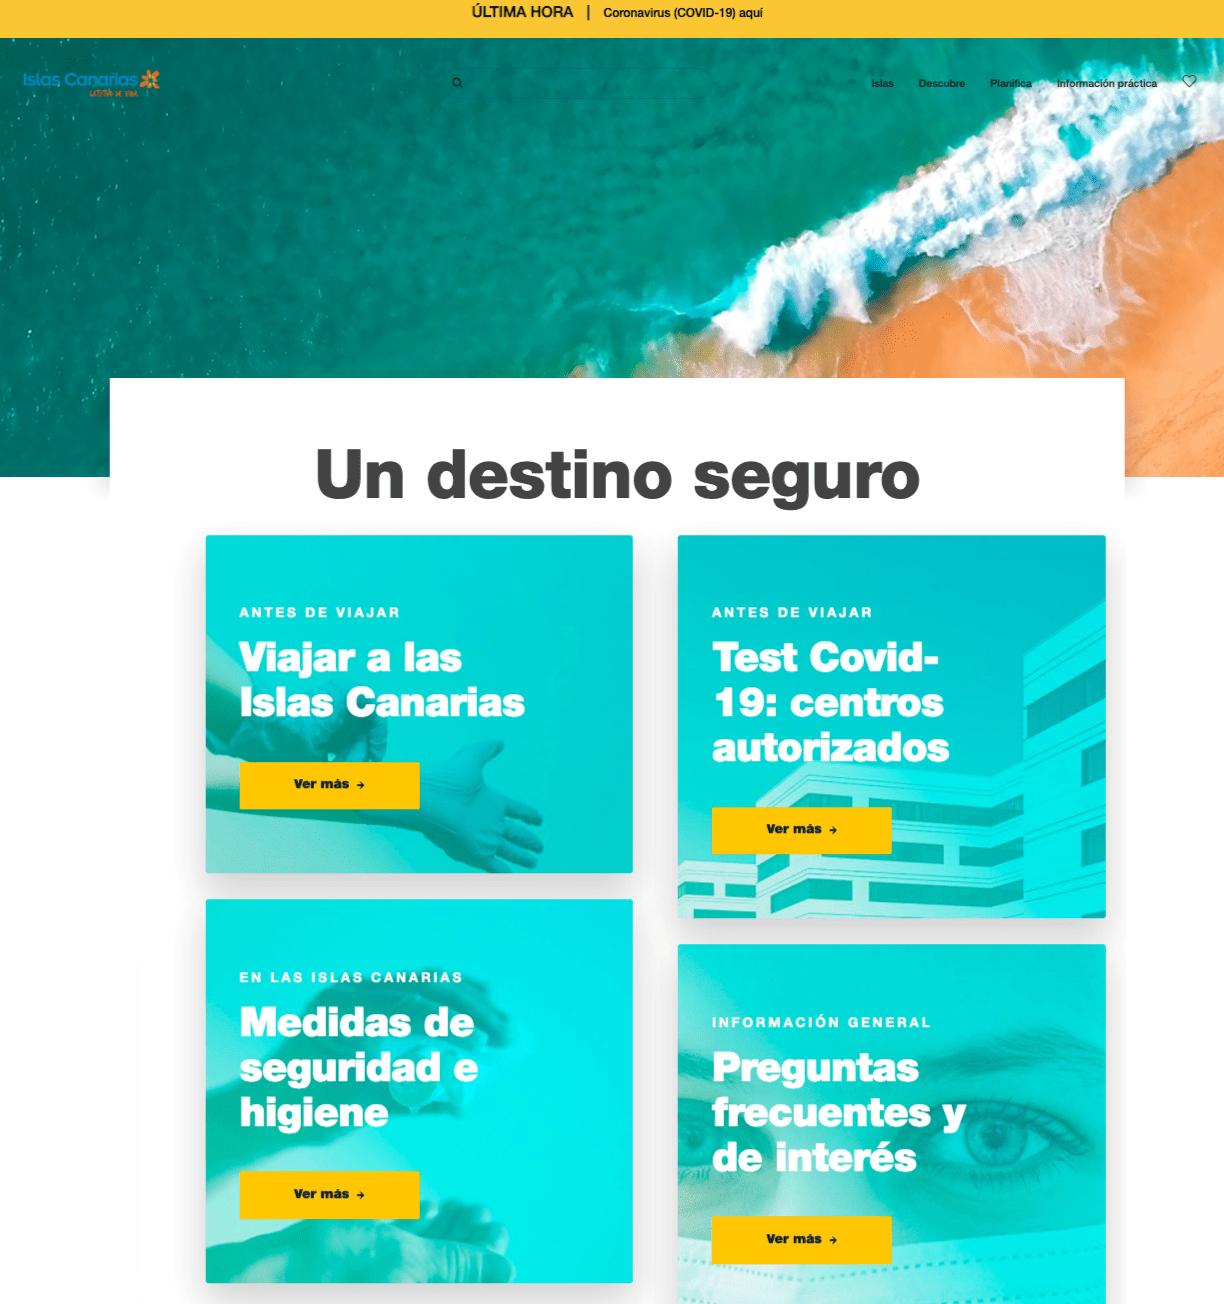 WEB holaislascanarias.com - turismolanzarote.com